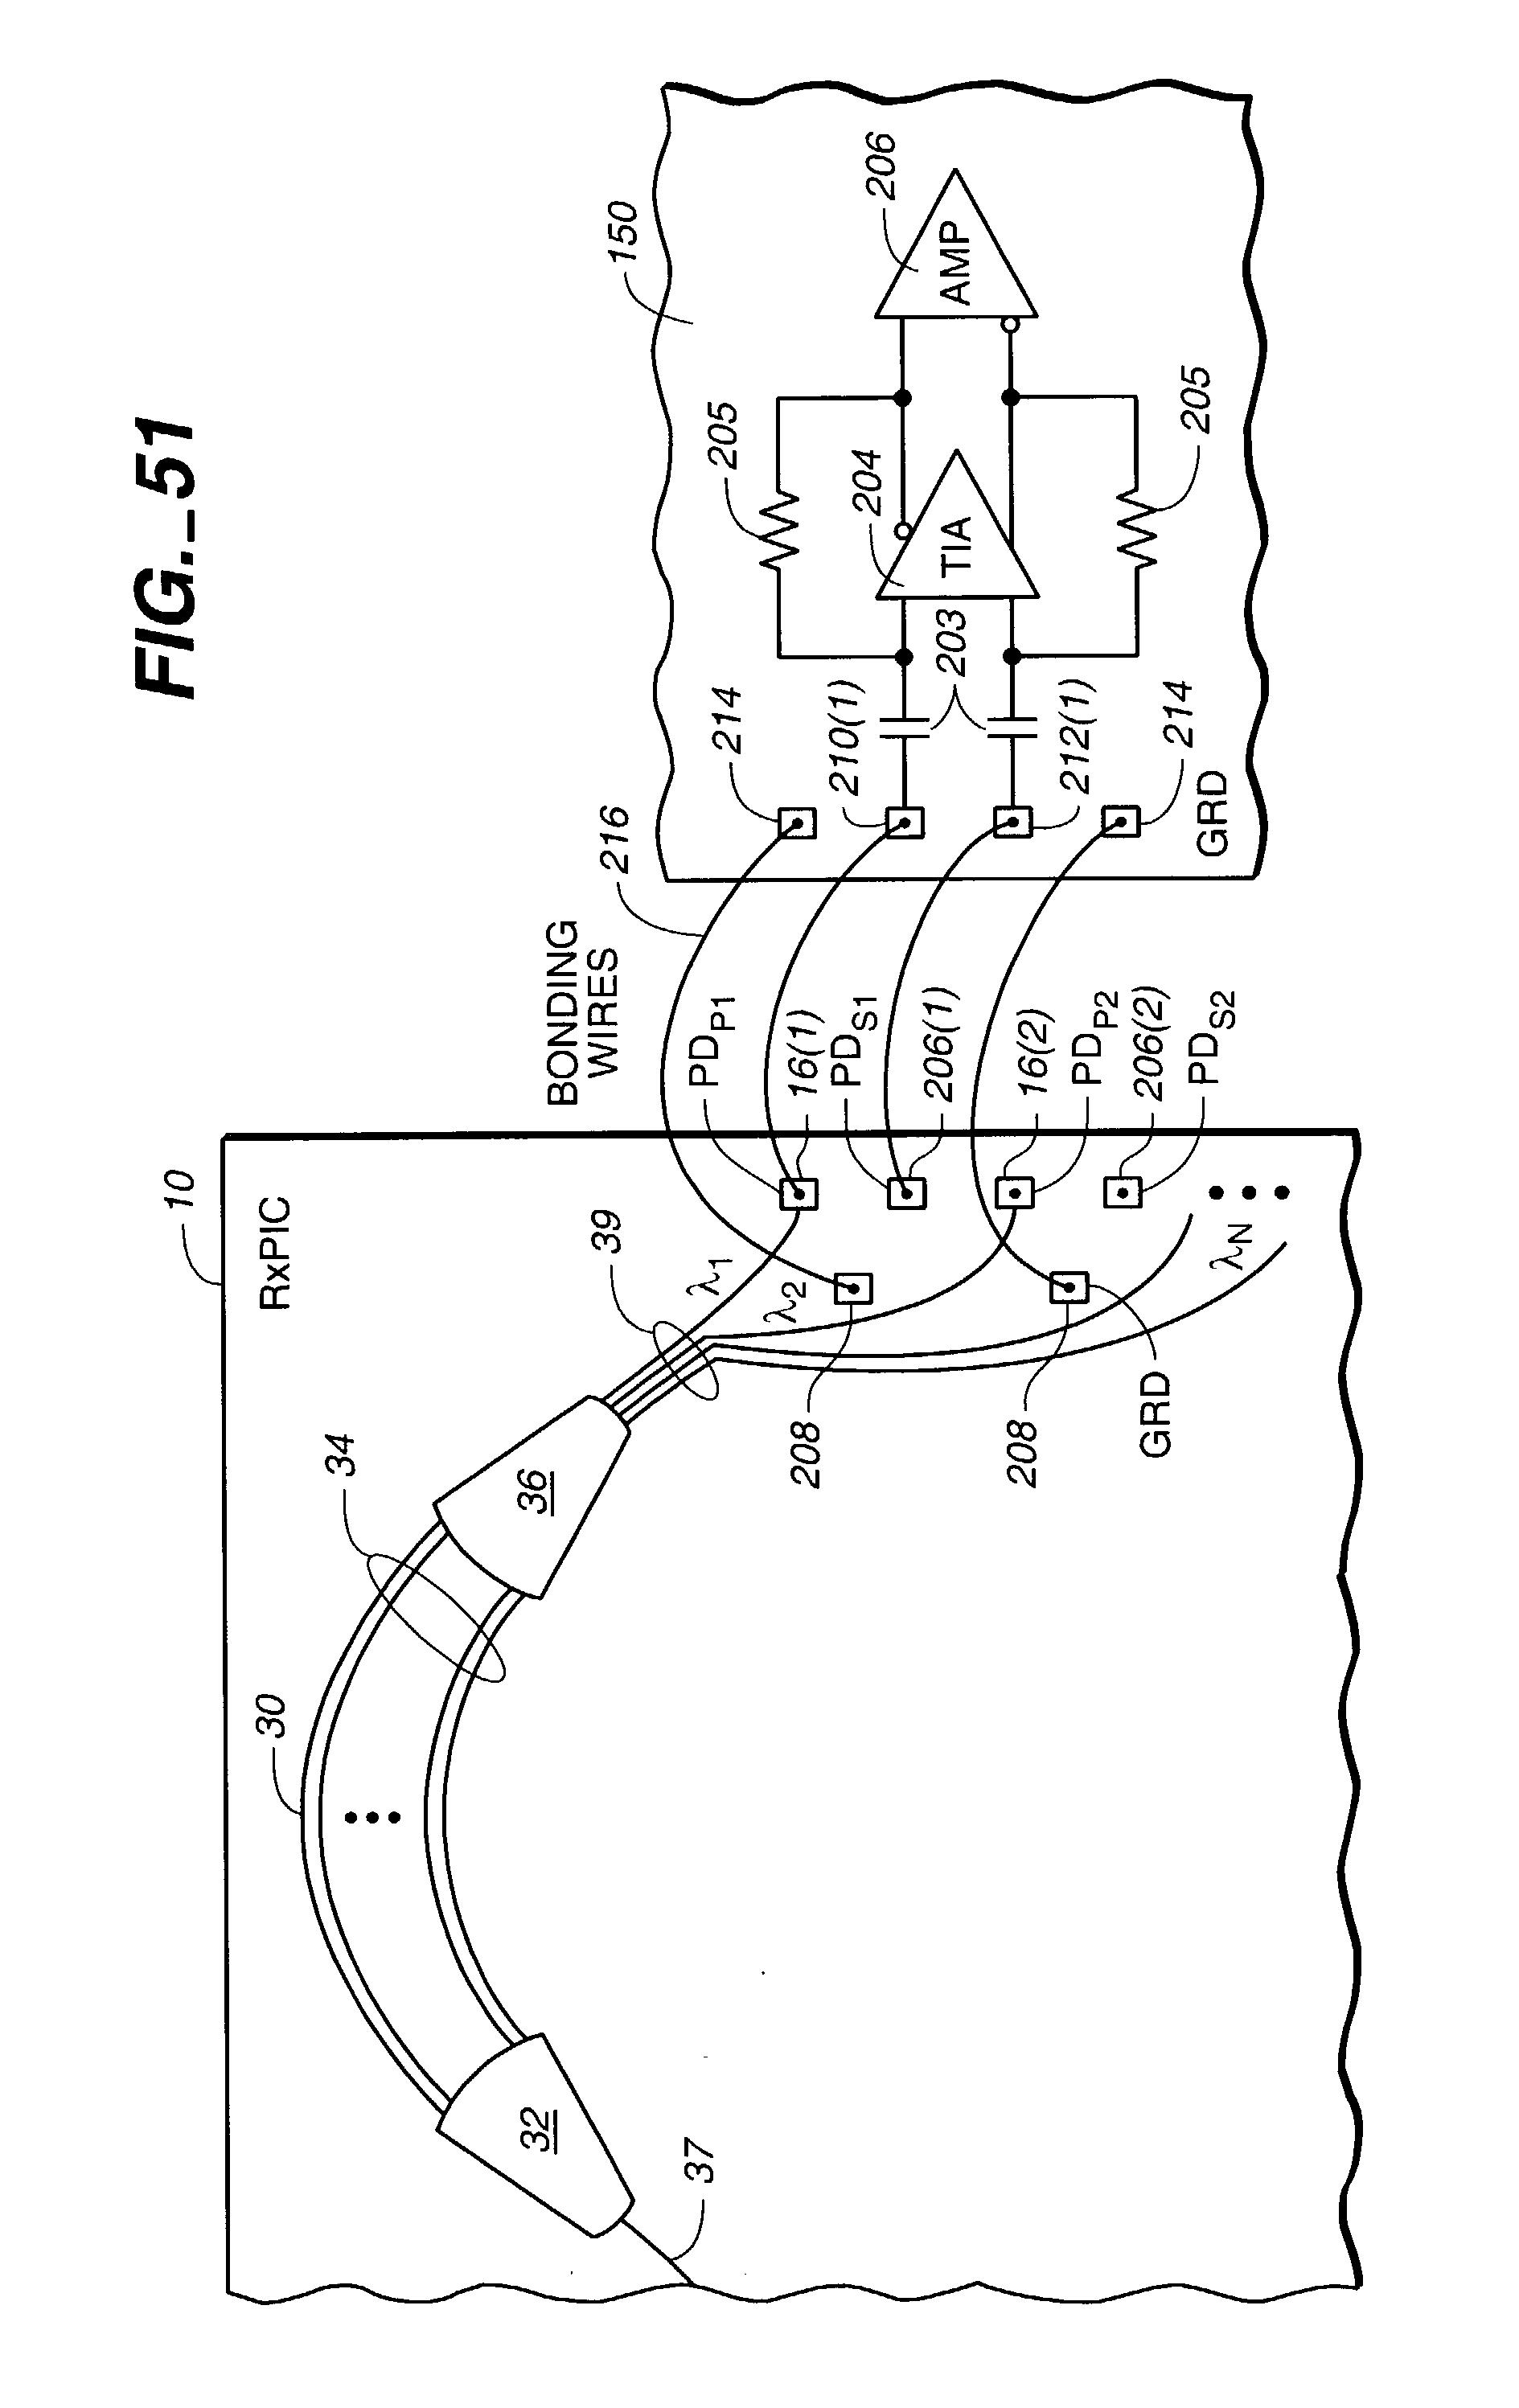 patent us20040033004